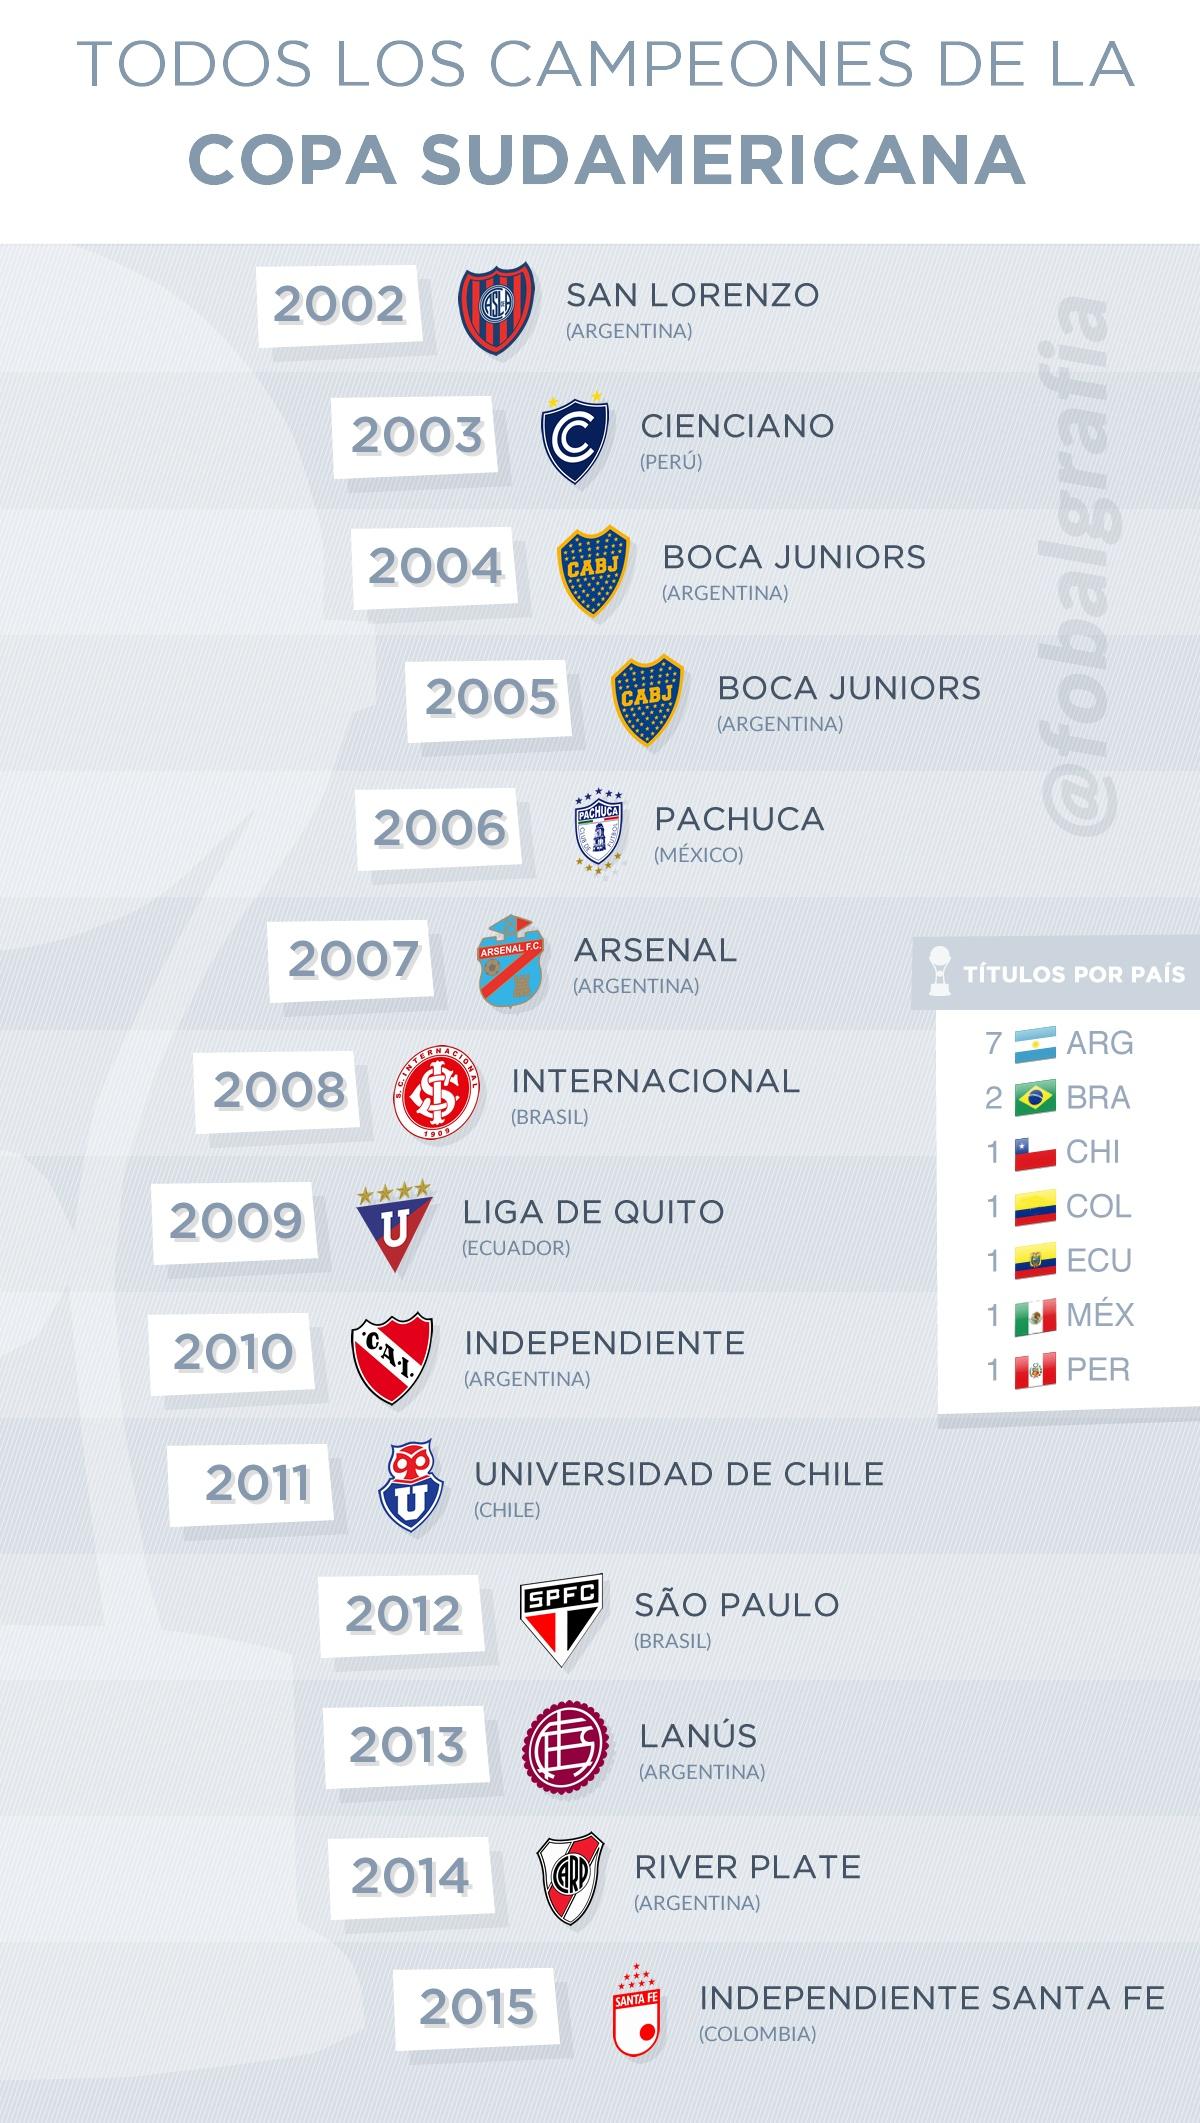 Los campeones de la Copa Sudamericana